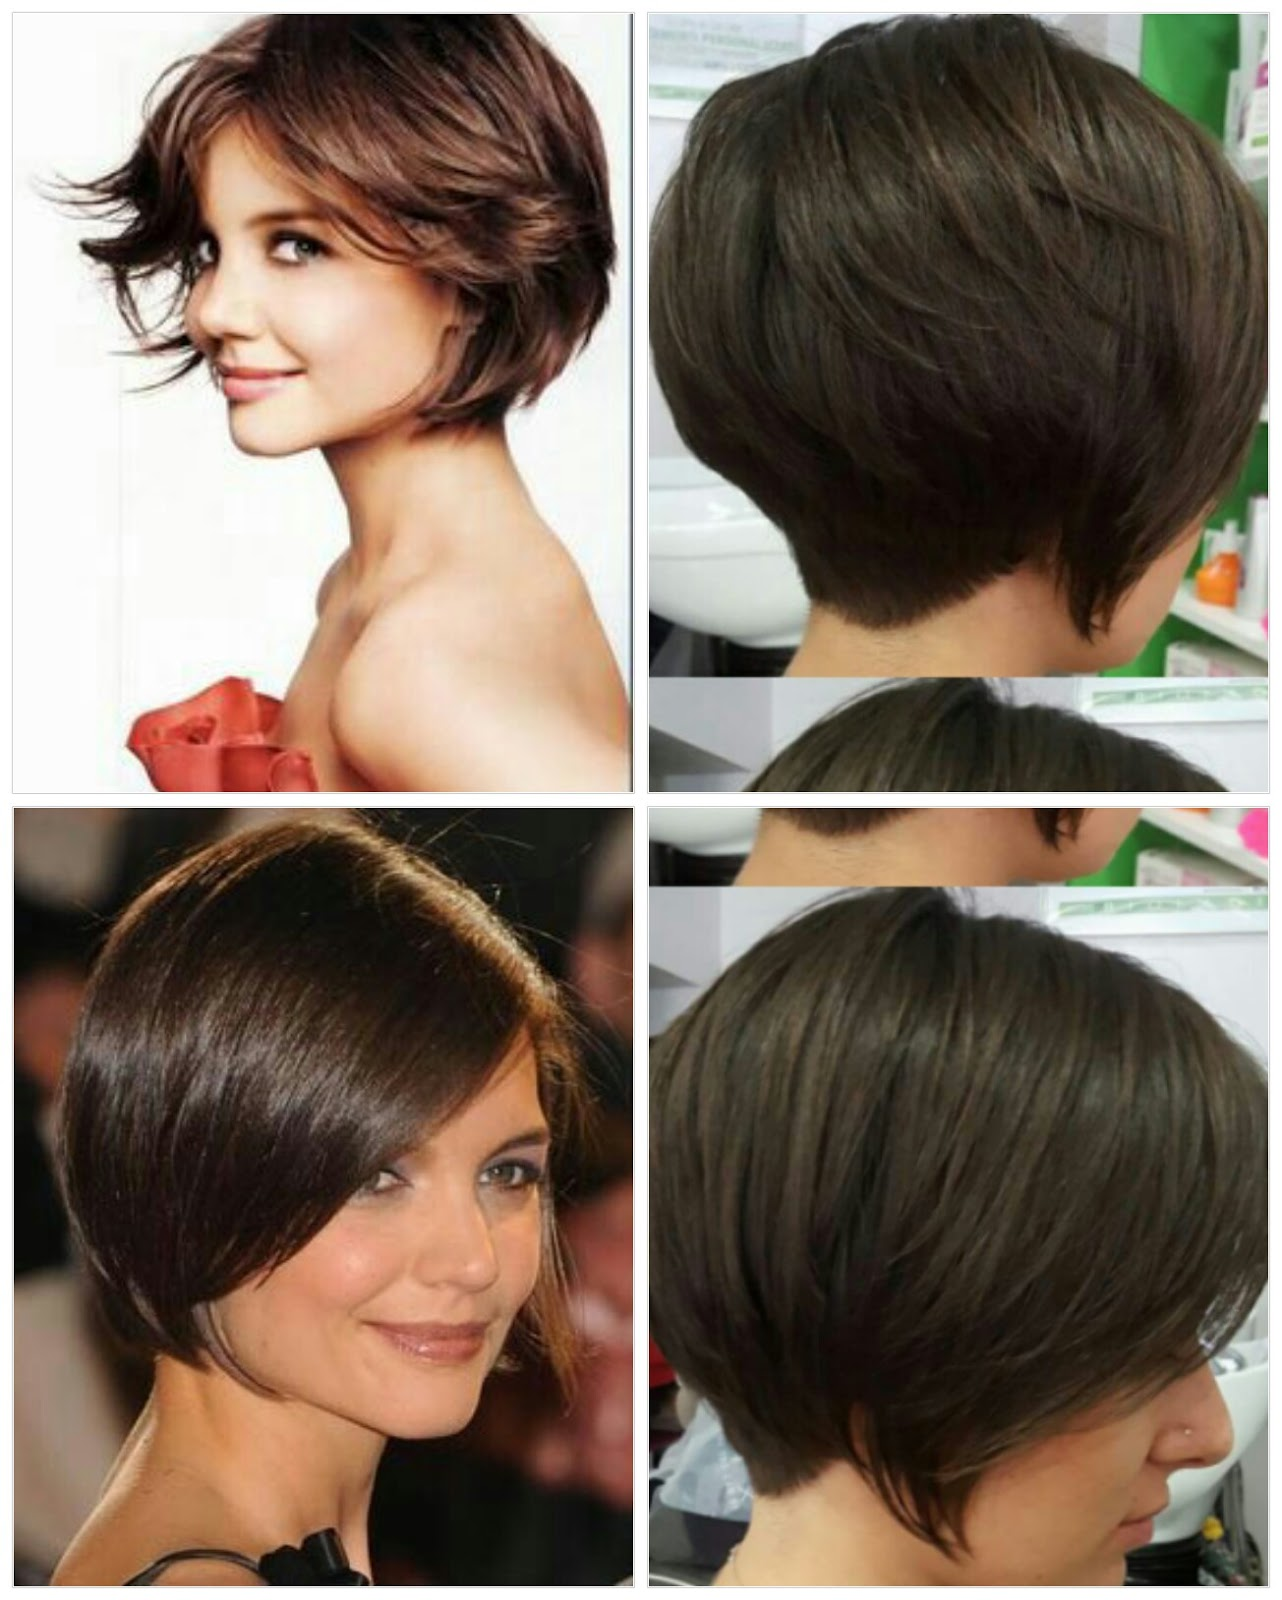 Come acconciare i capelli corti che crescono